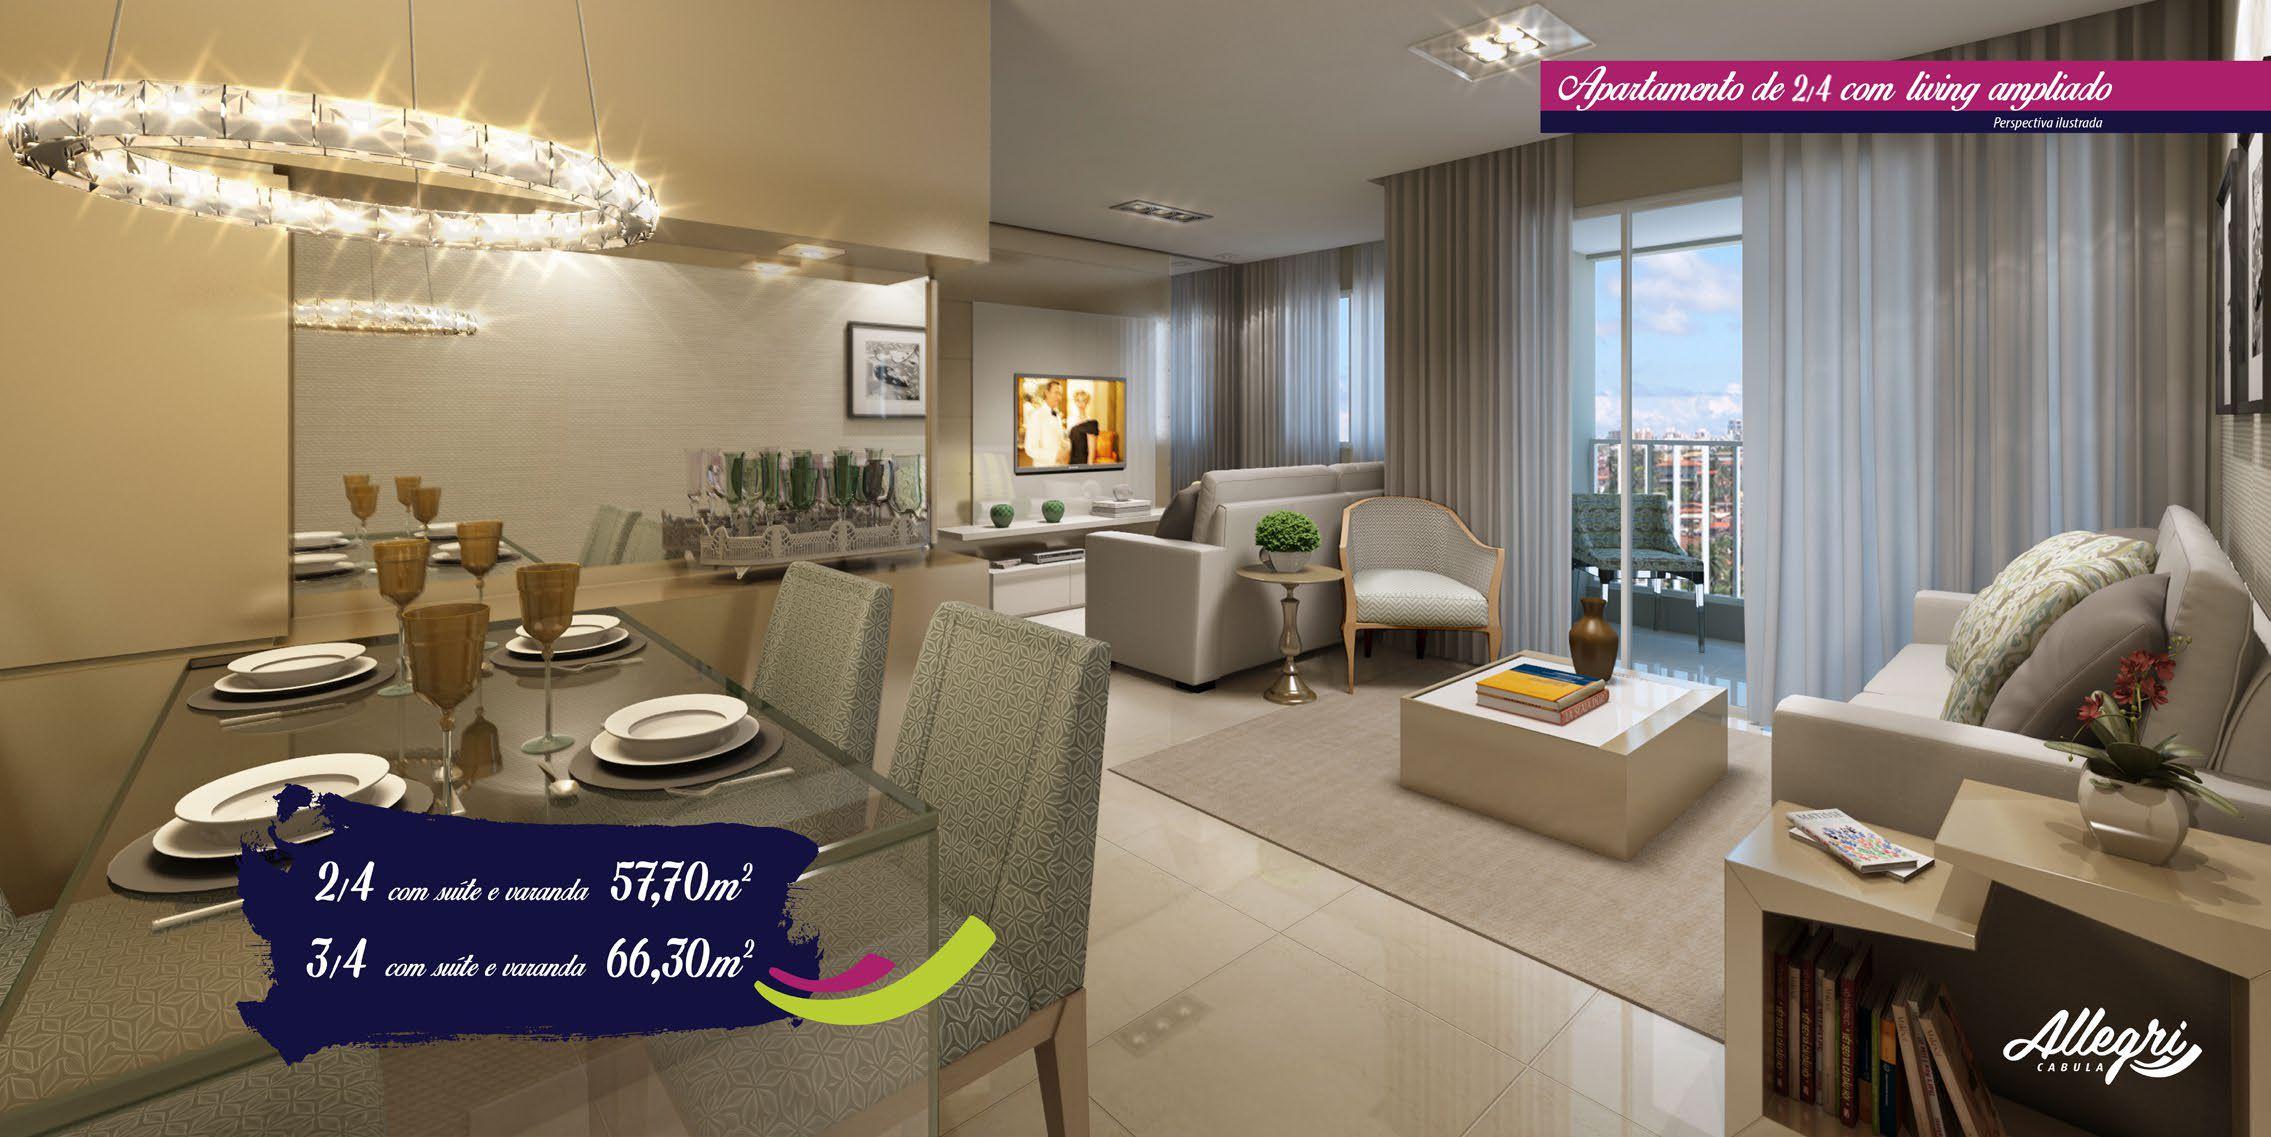 Perspectiva do apartamento 2 quartos com living ampliado